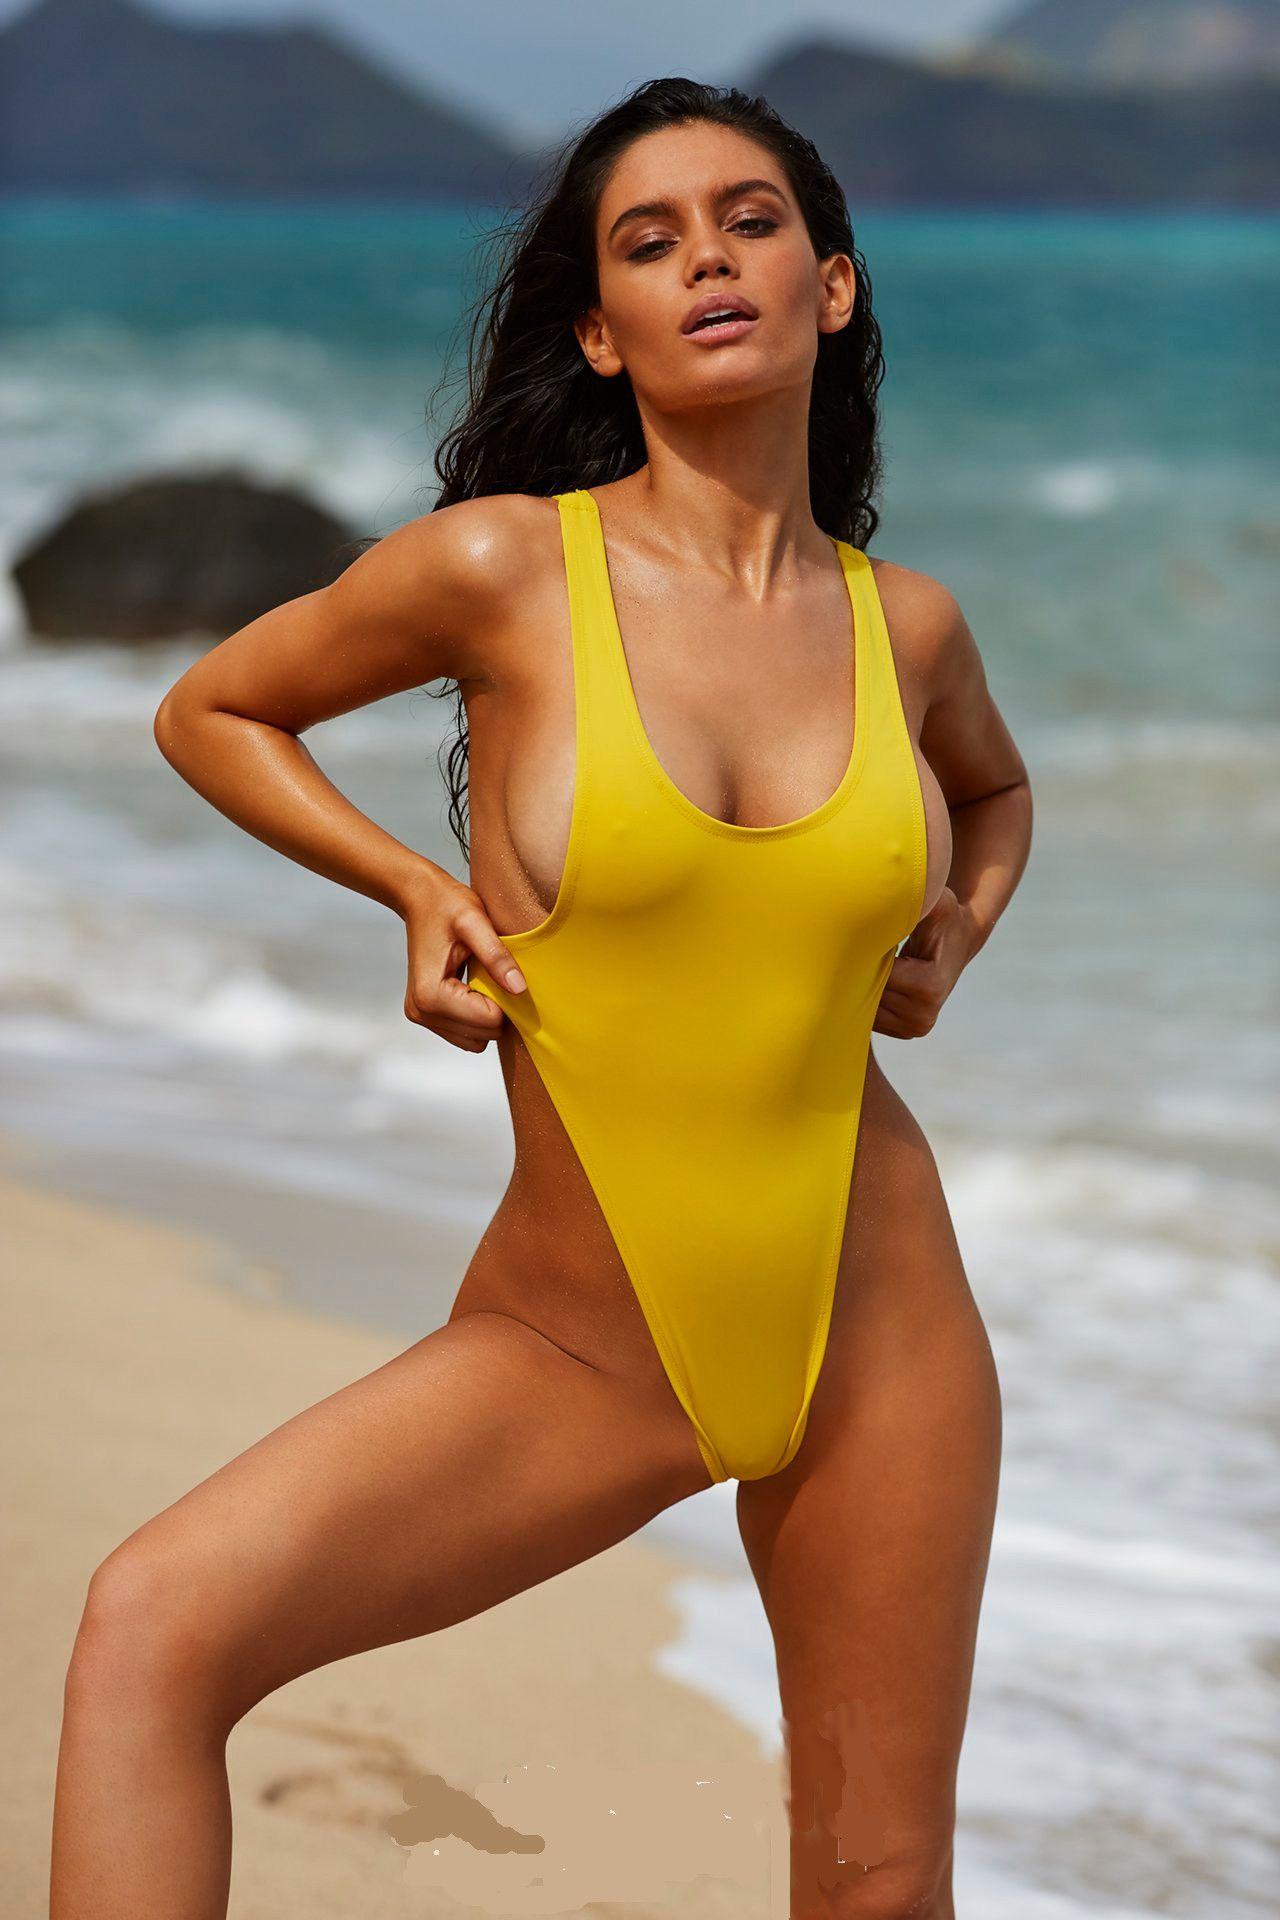 Bikini Anne De Paula nude photos 2019